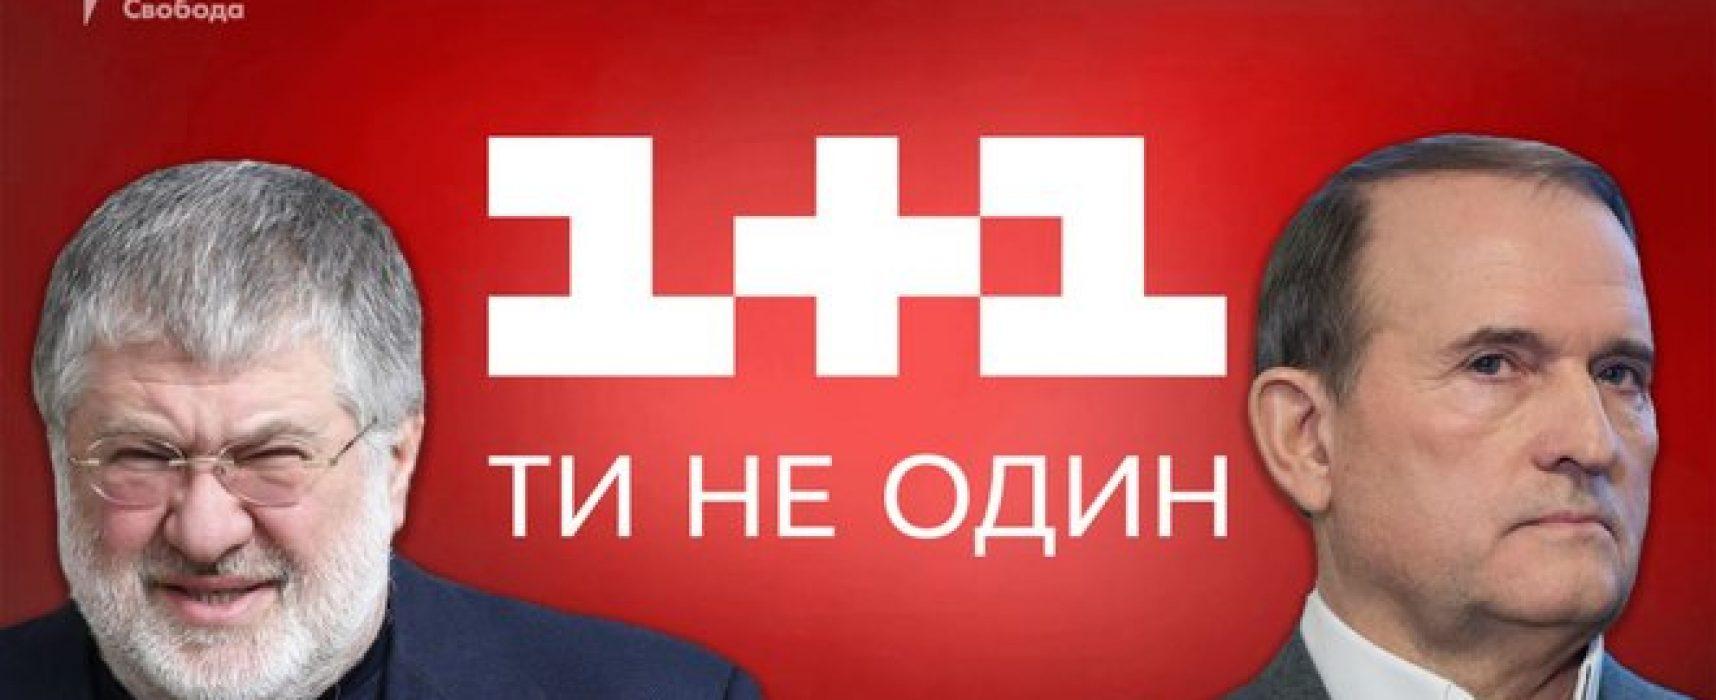 Жена Виктора Медведчука Оксана Марченко владеет долей в телеканалах 1+1 и 2+2